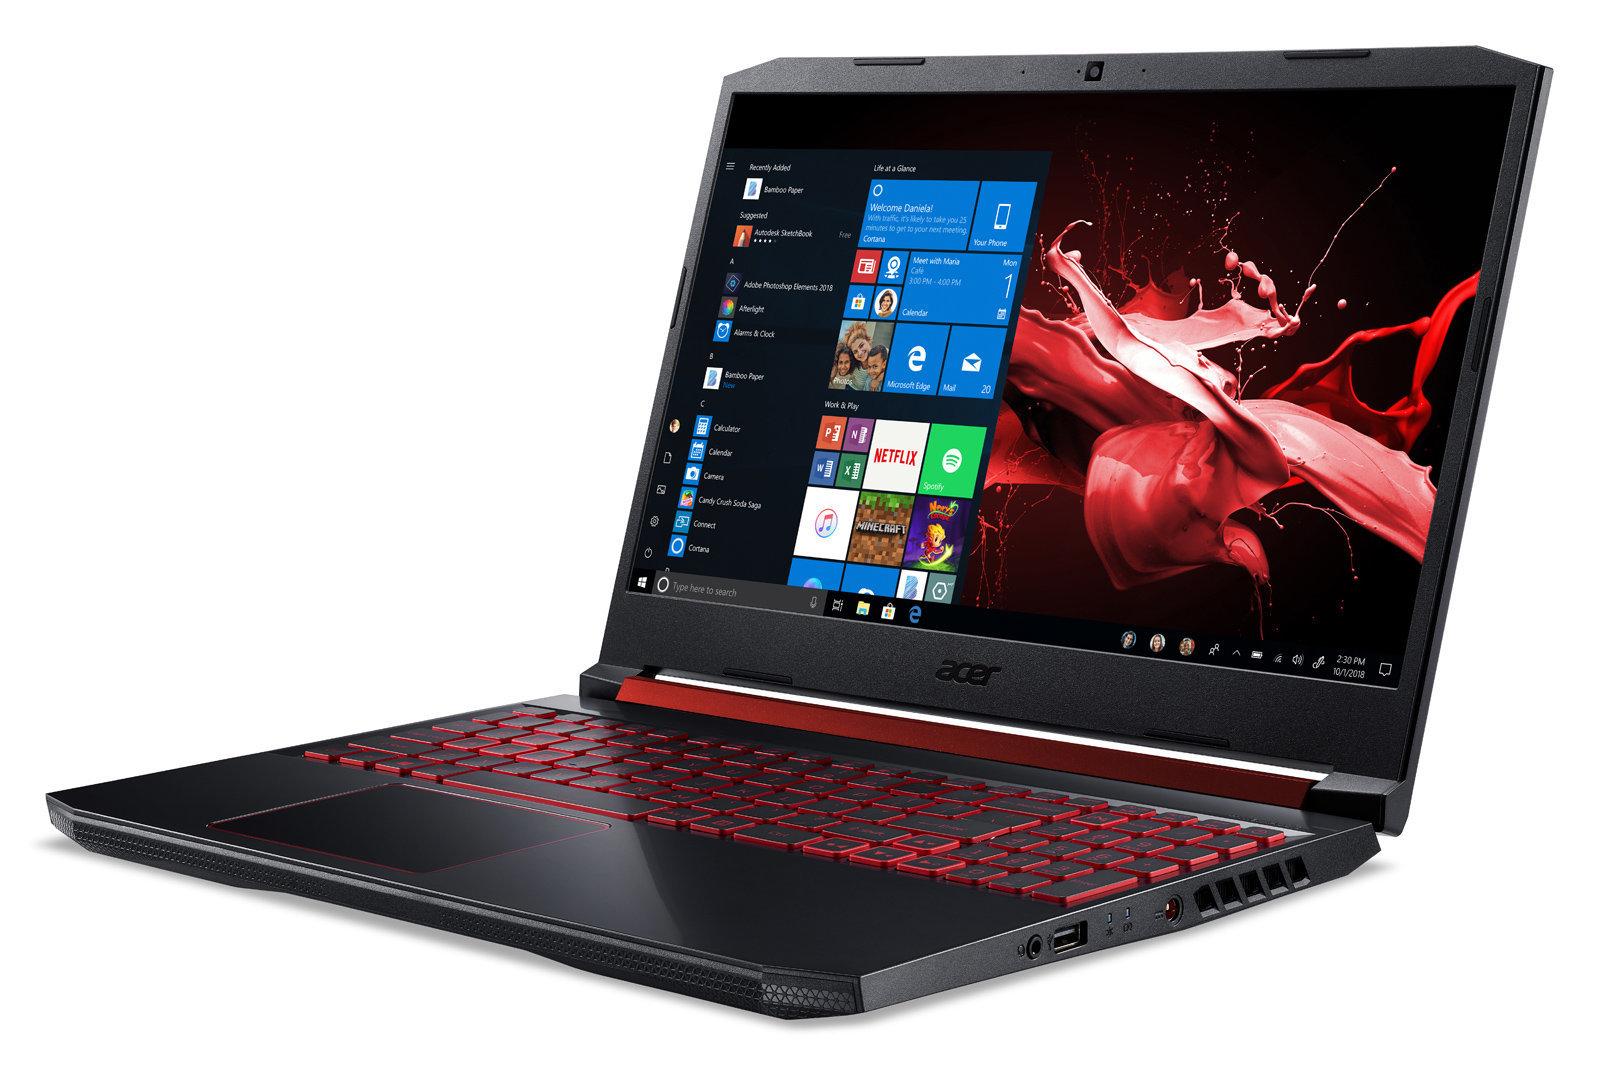 Acer Nitro 5 AMD Ryzen